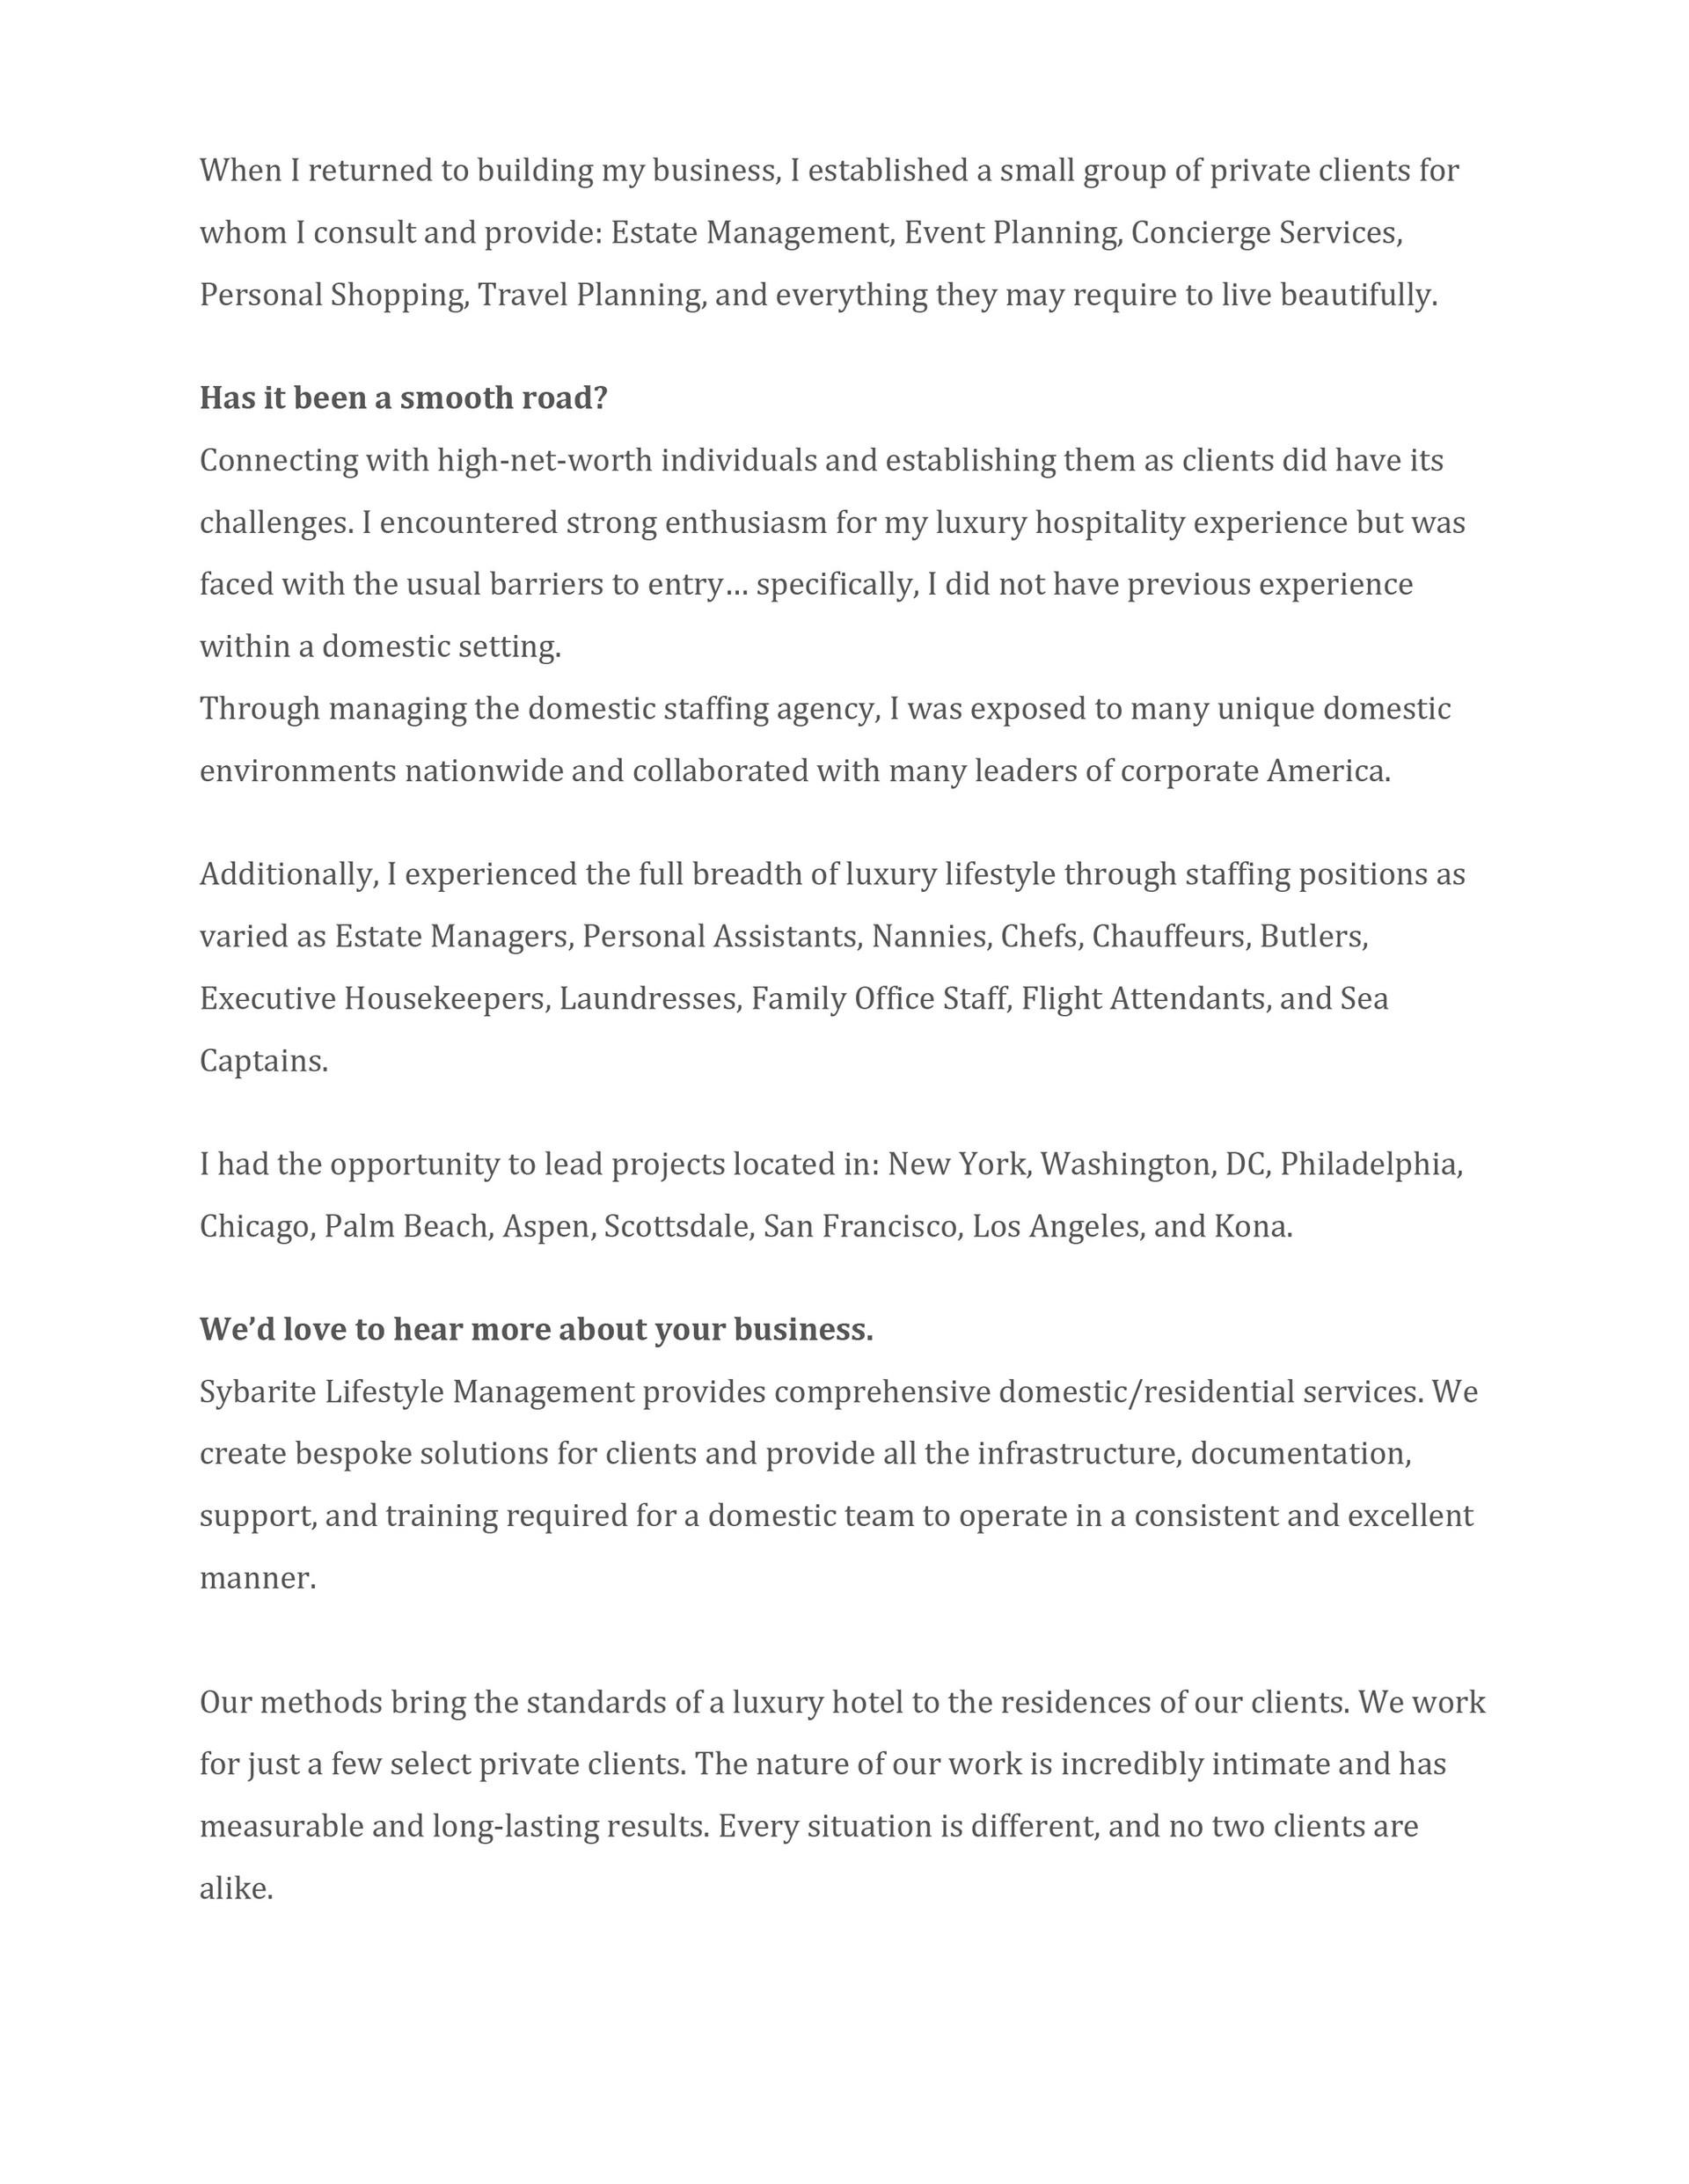 VoyageLA Article_Page_2 v777777-02.jpg